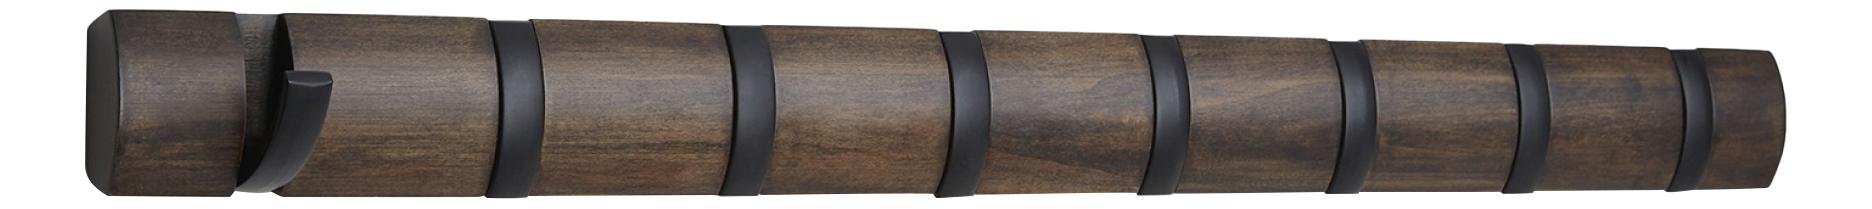 Вешалка настенная Umbra Flip 8 крючков черная/орех